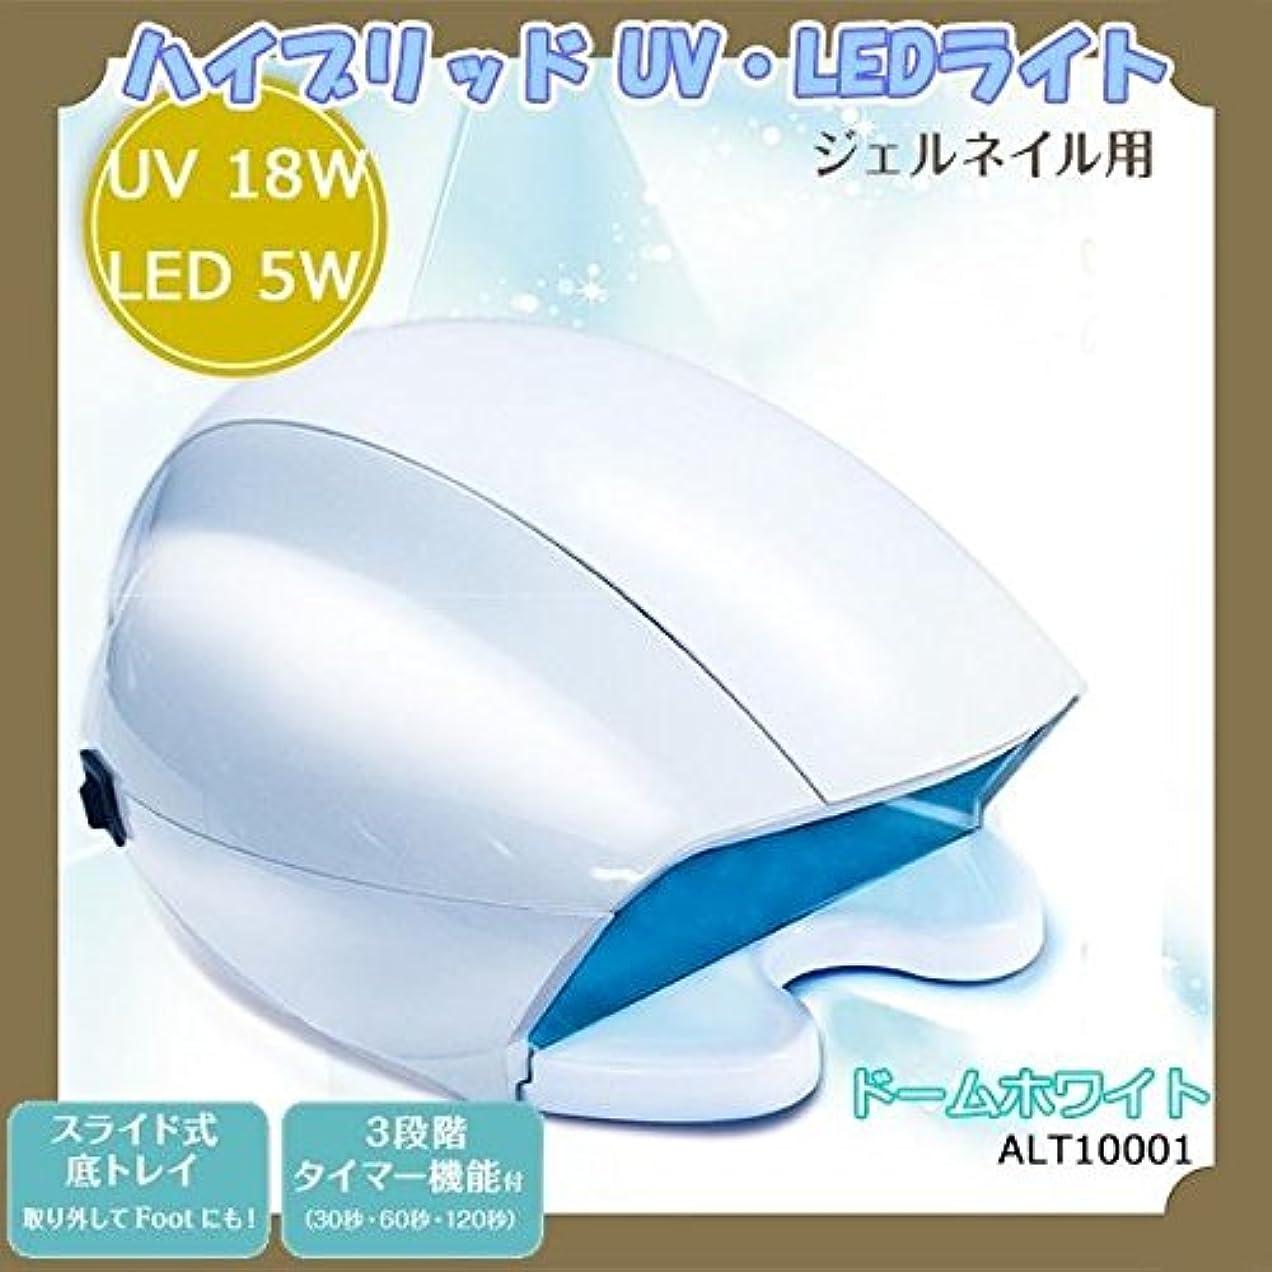 社員プレフィックス作業ビューティーワールド ジェルネイル用 ハイブリッド UV?LEDライト ドームホワイト ALT10001